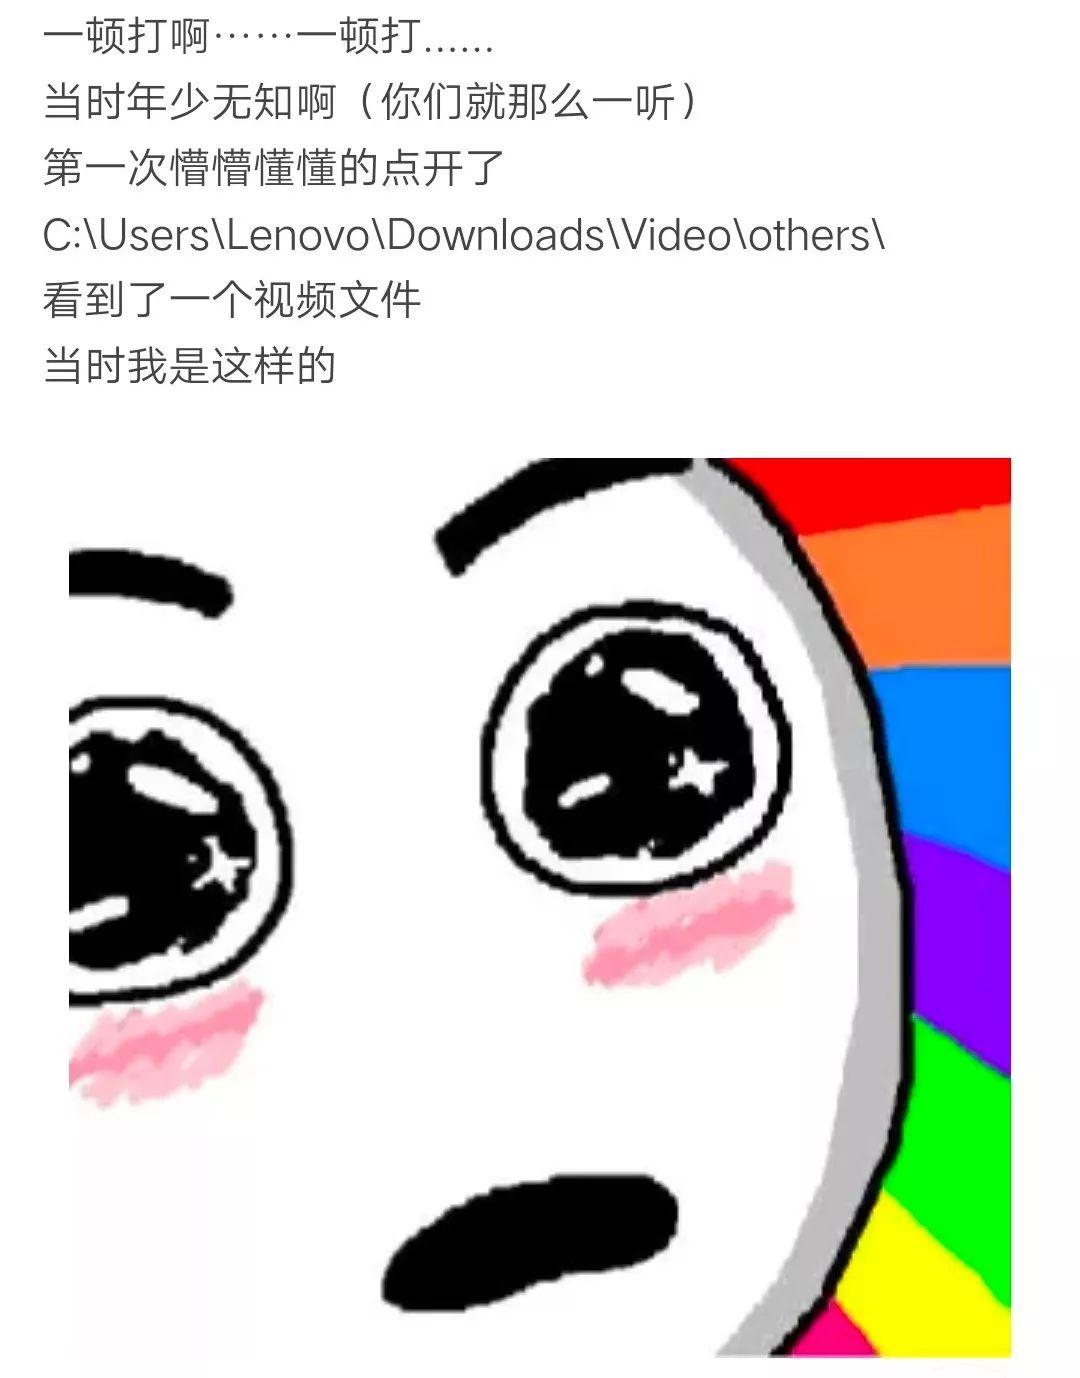 腾耀娱乐:当父母看了我的小电影后